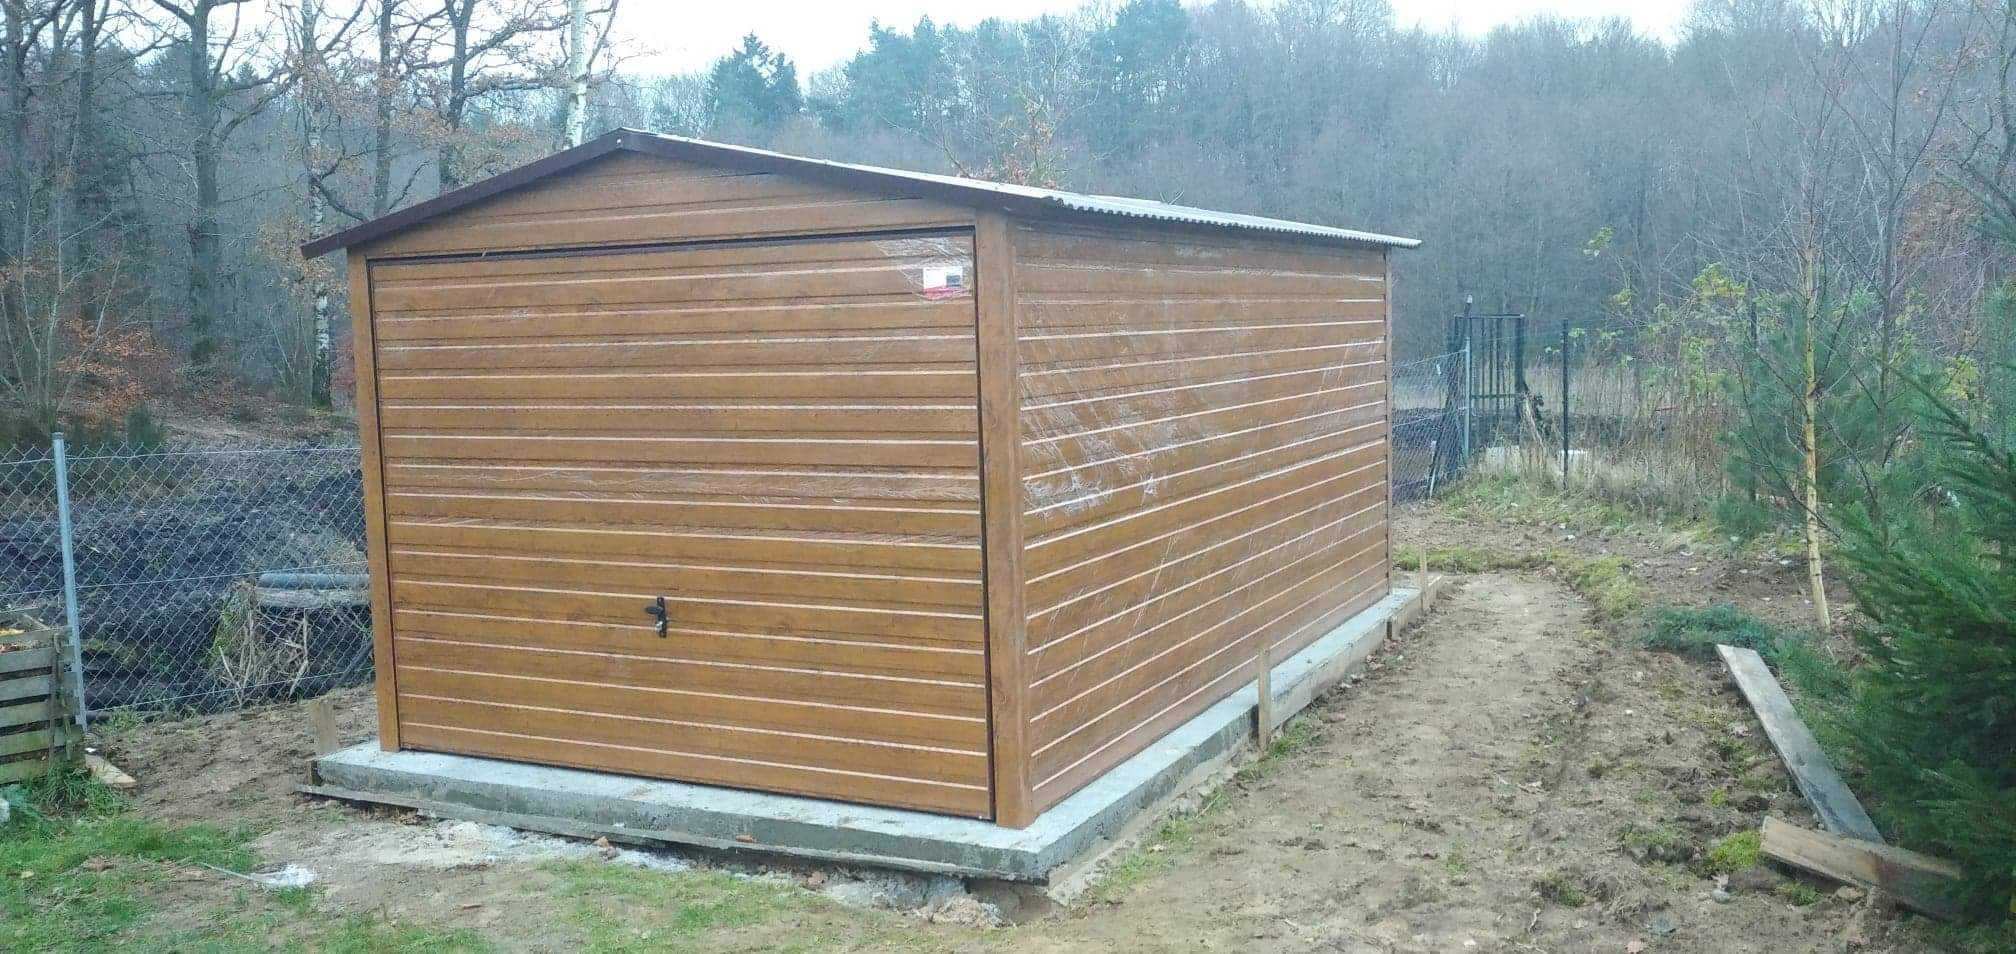 Garaż blaszany 3x5,4x6,6x5,złoty dąb, imitacja drewna,producent garaży